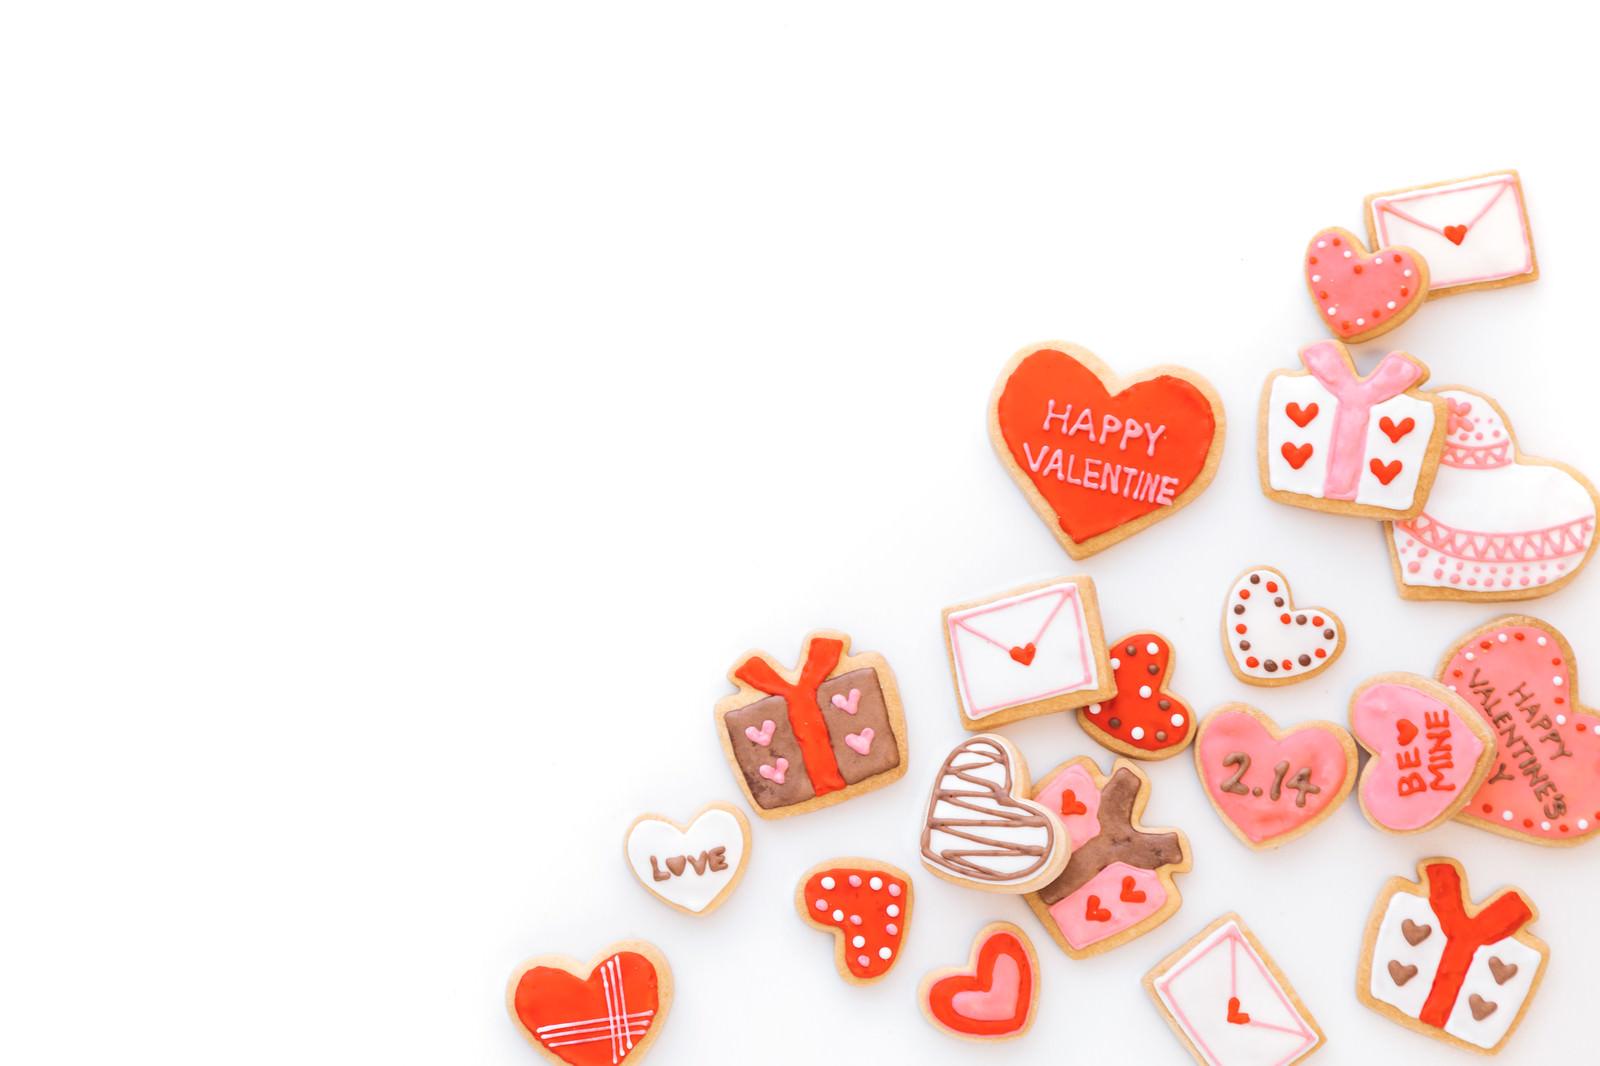 「バレンタイン用のハート素材(アイシングクッキー)バレンタイン用のハート素材(アイシングクッキー)」のフリー写真素材を拡大